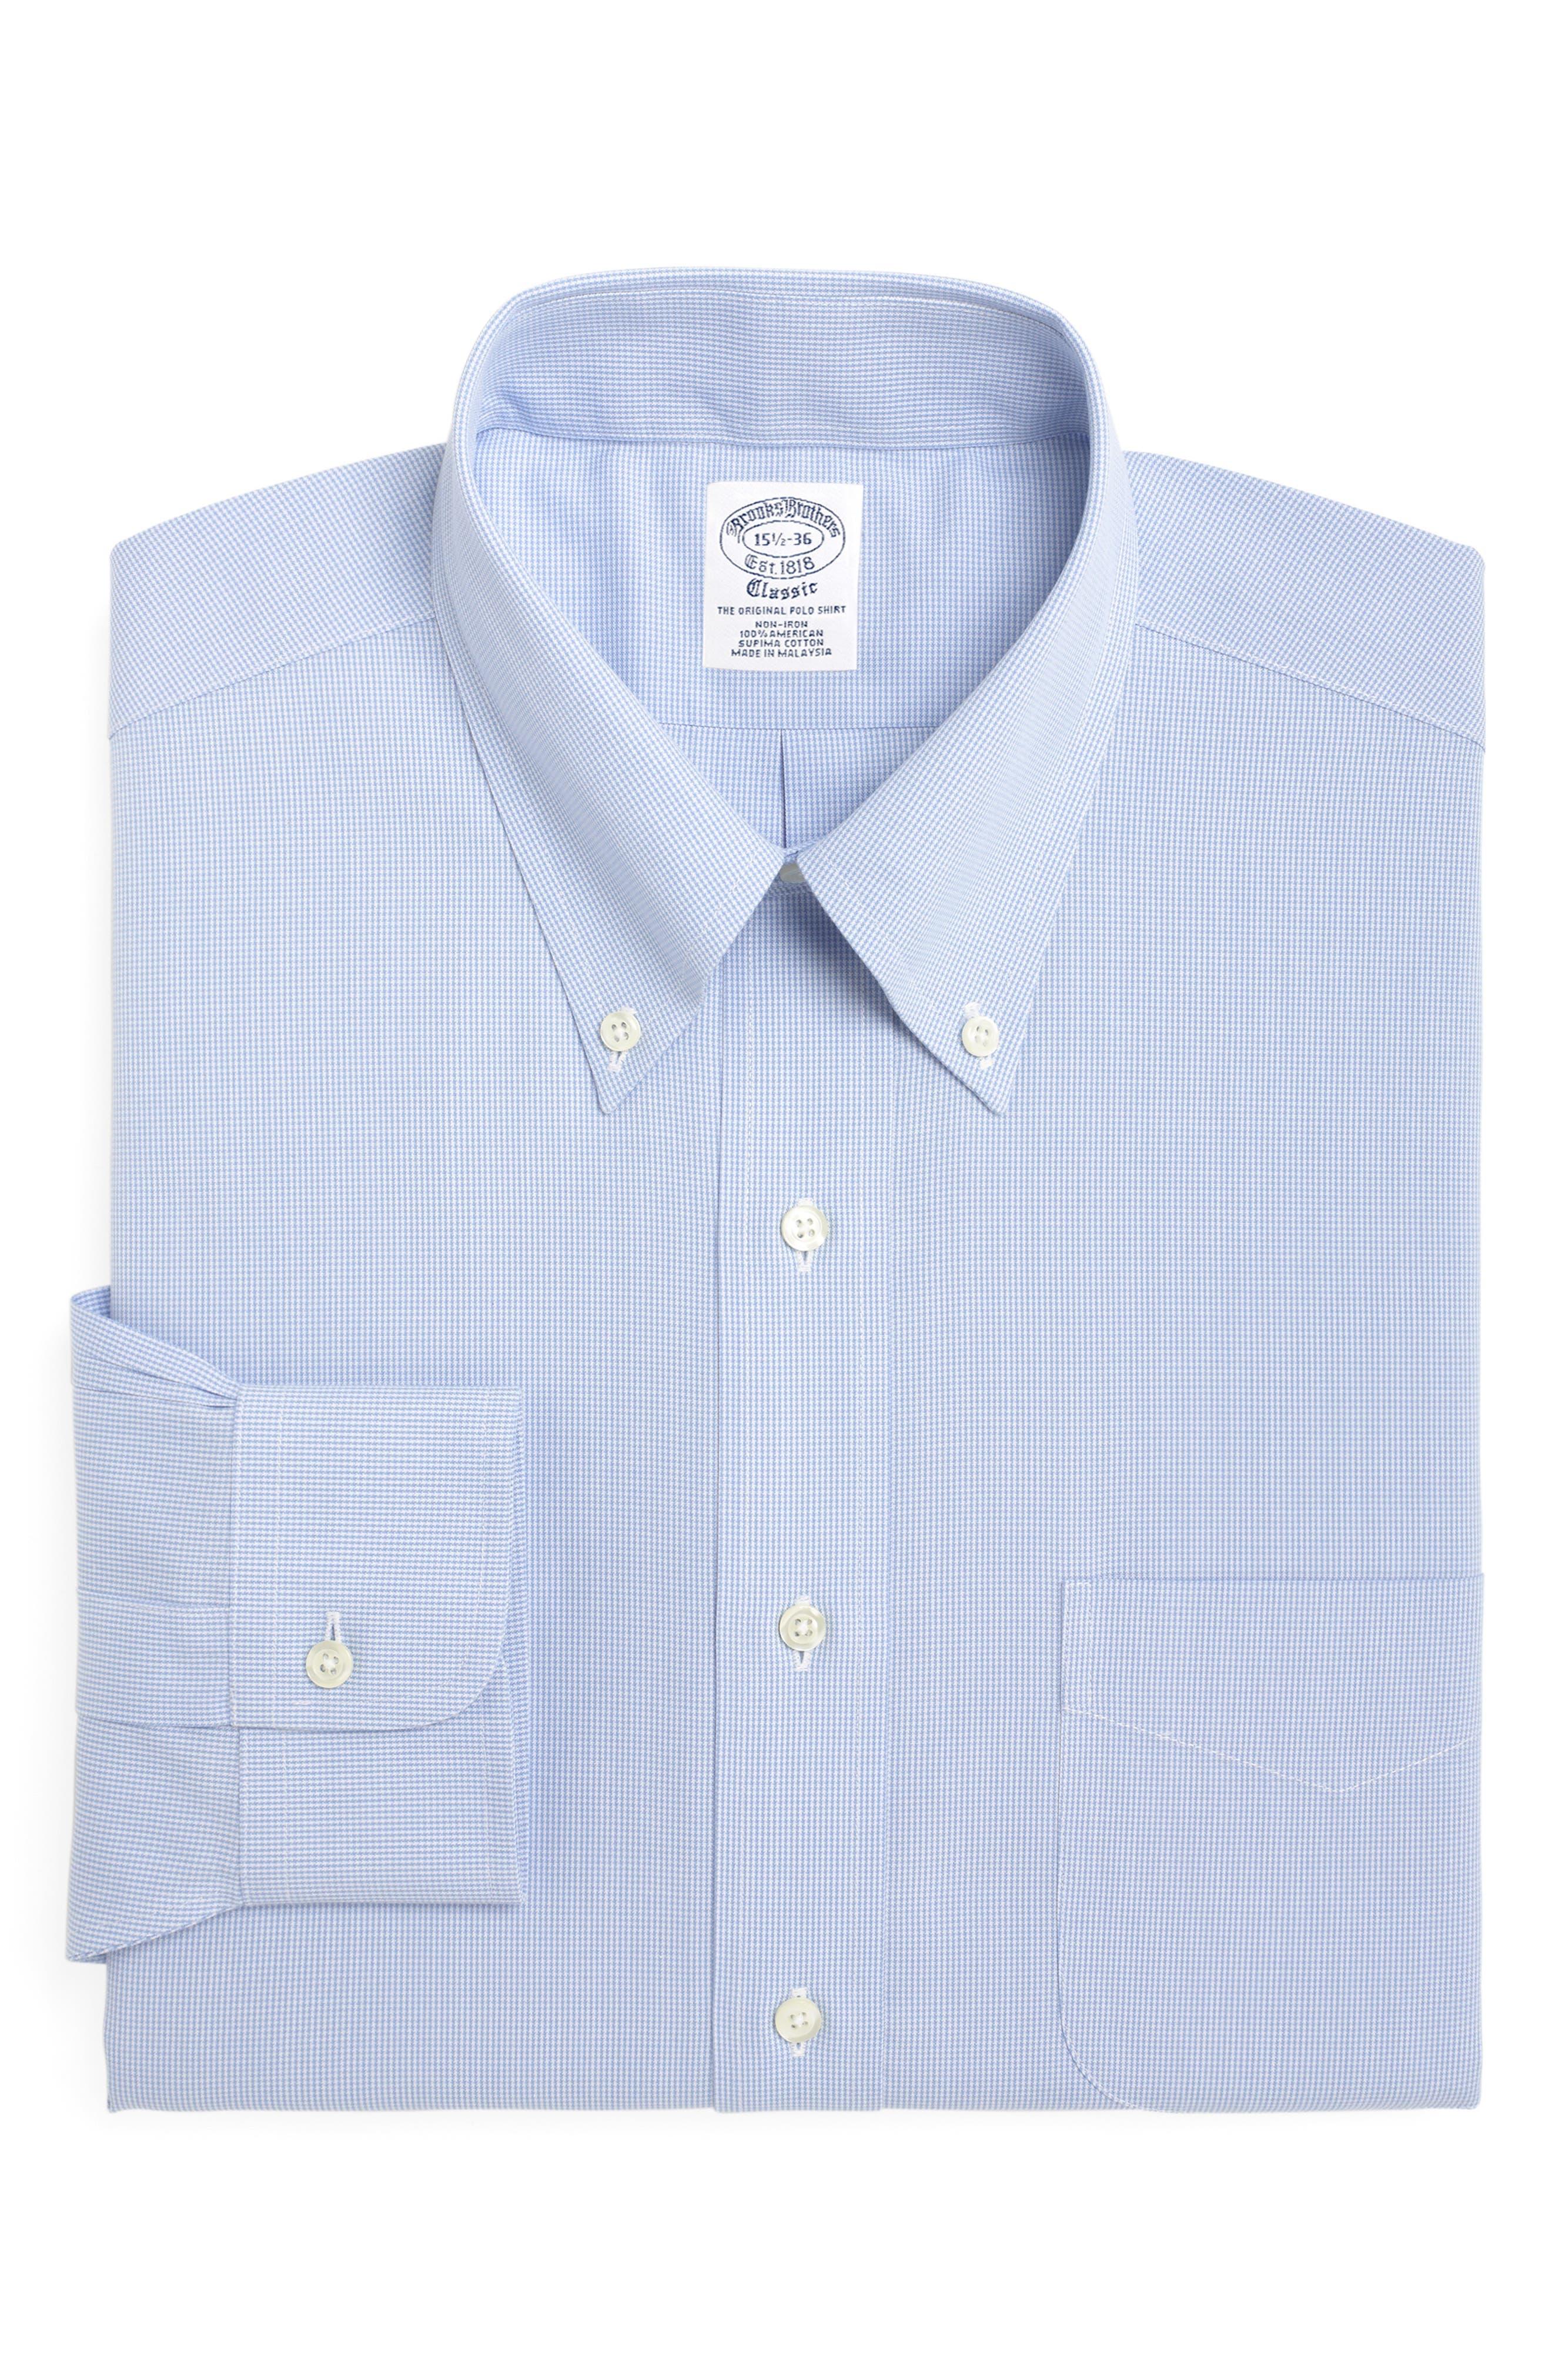 Brooks Brothers Regent Regular Fit Houndstooth Dress Shirt (3 For $207)